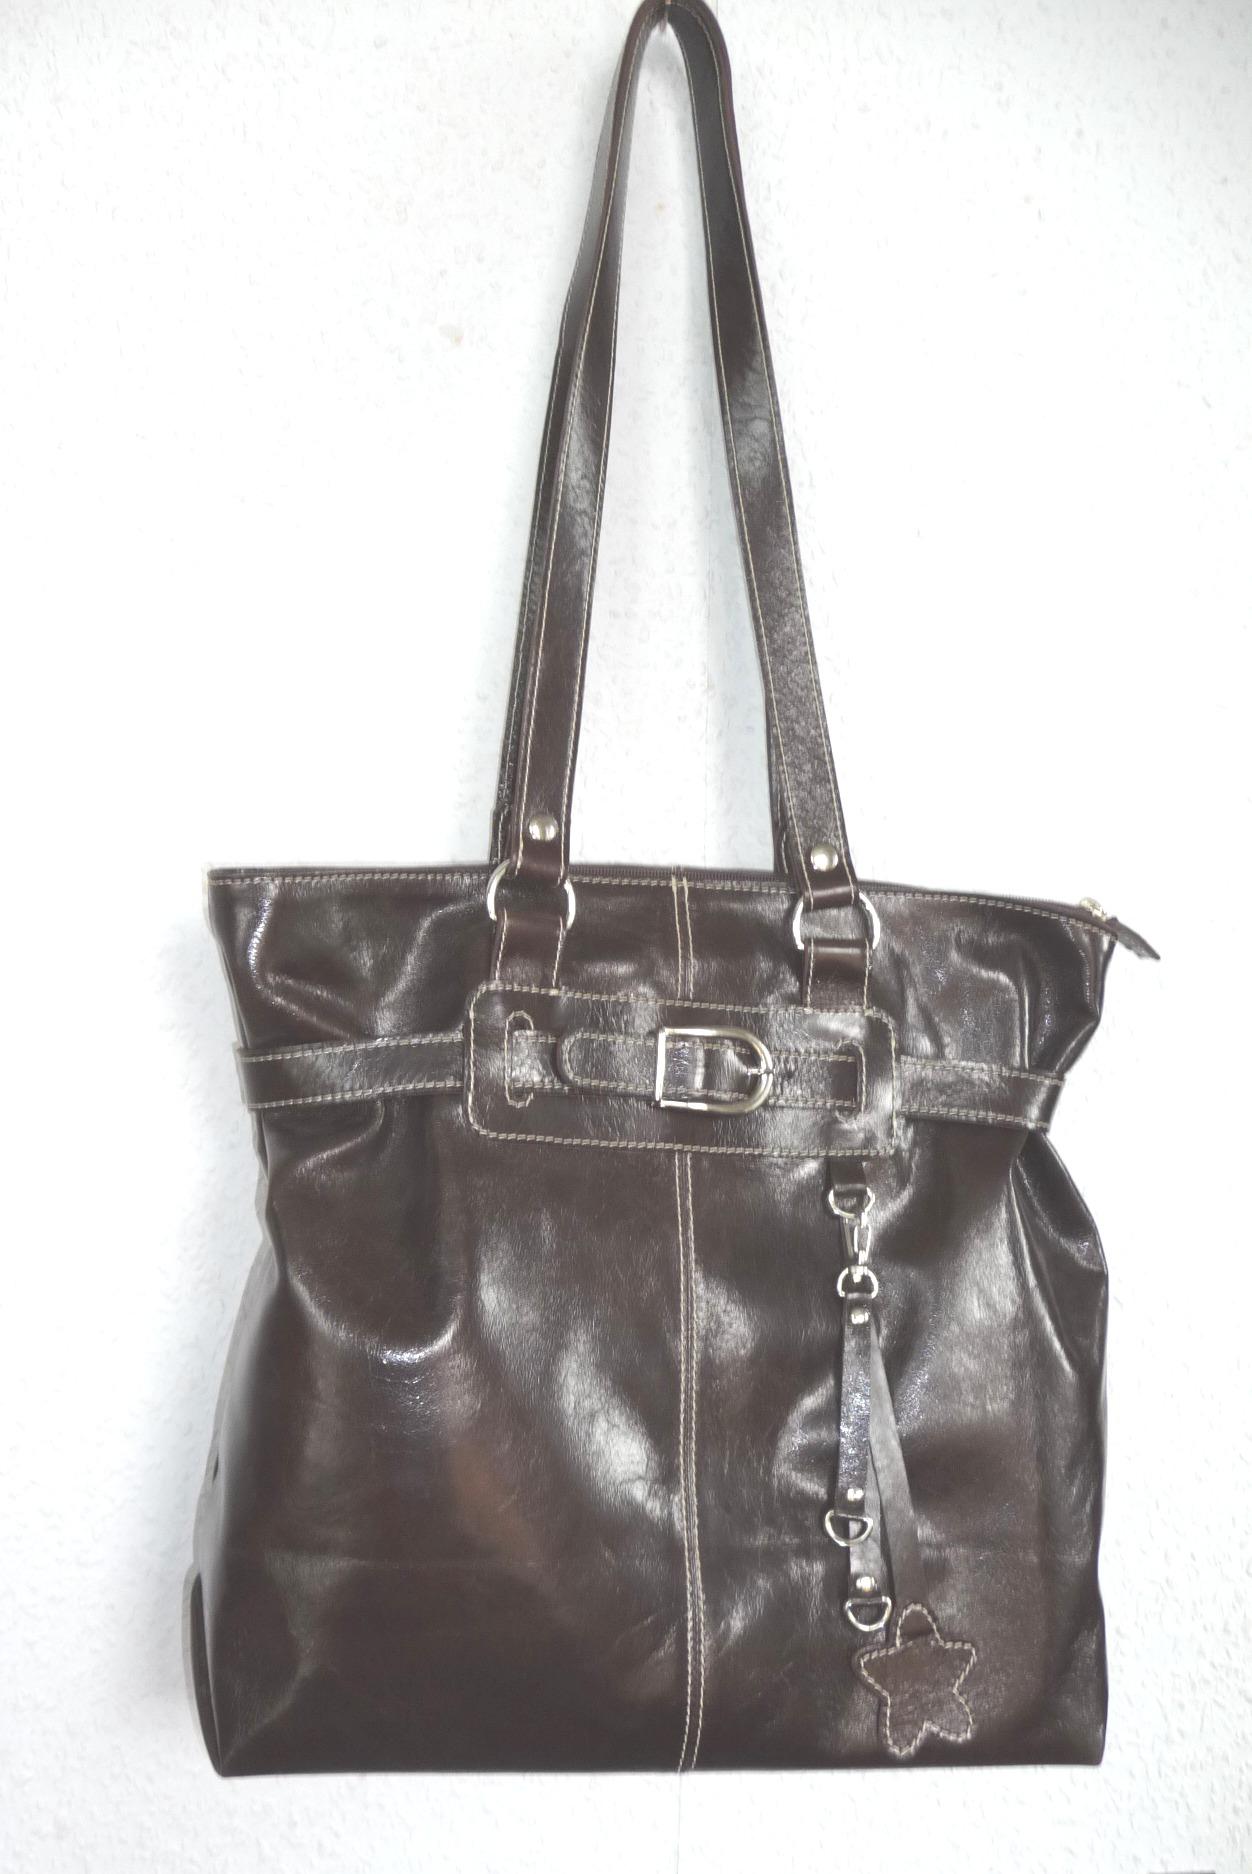 Dámská kabelka uzavíraná zipem. Velké vnitřní oddělení s 1 zipovou kapsou. K nošení v ruce i přes ra...